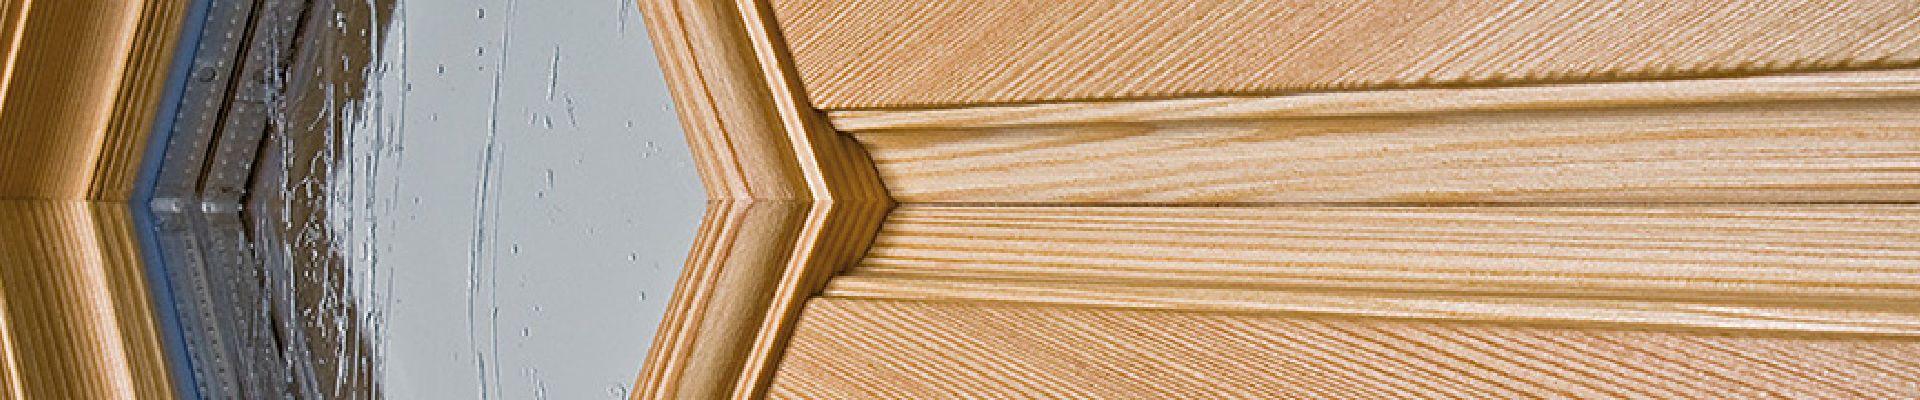 Haustüren aus Holz günstig kaufen